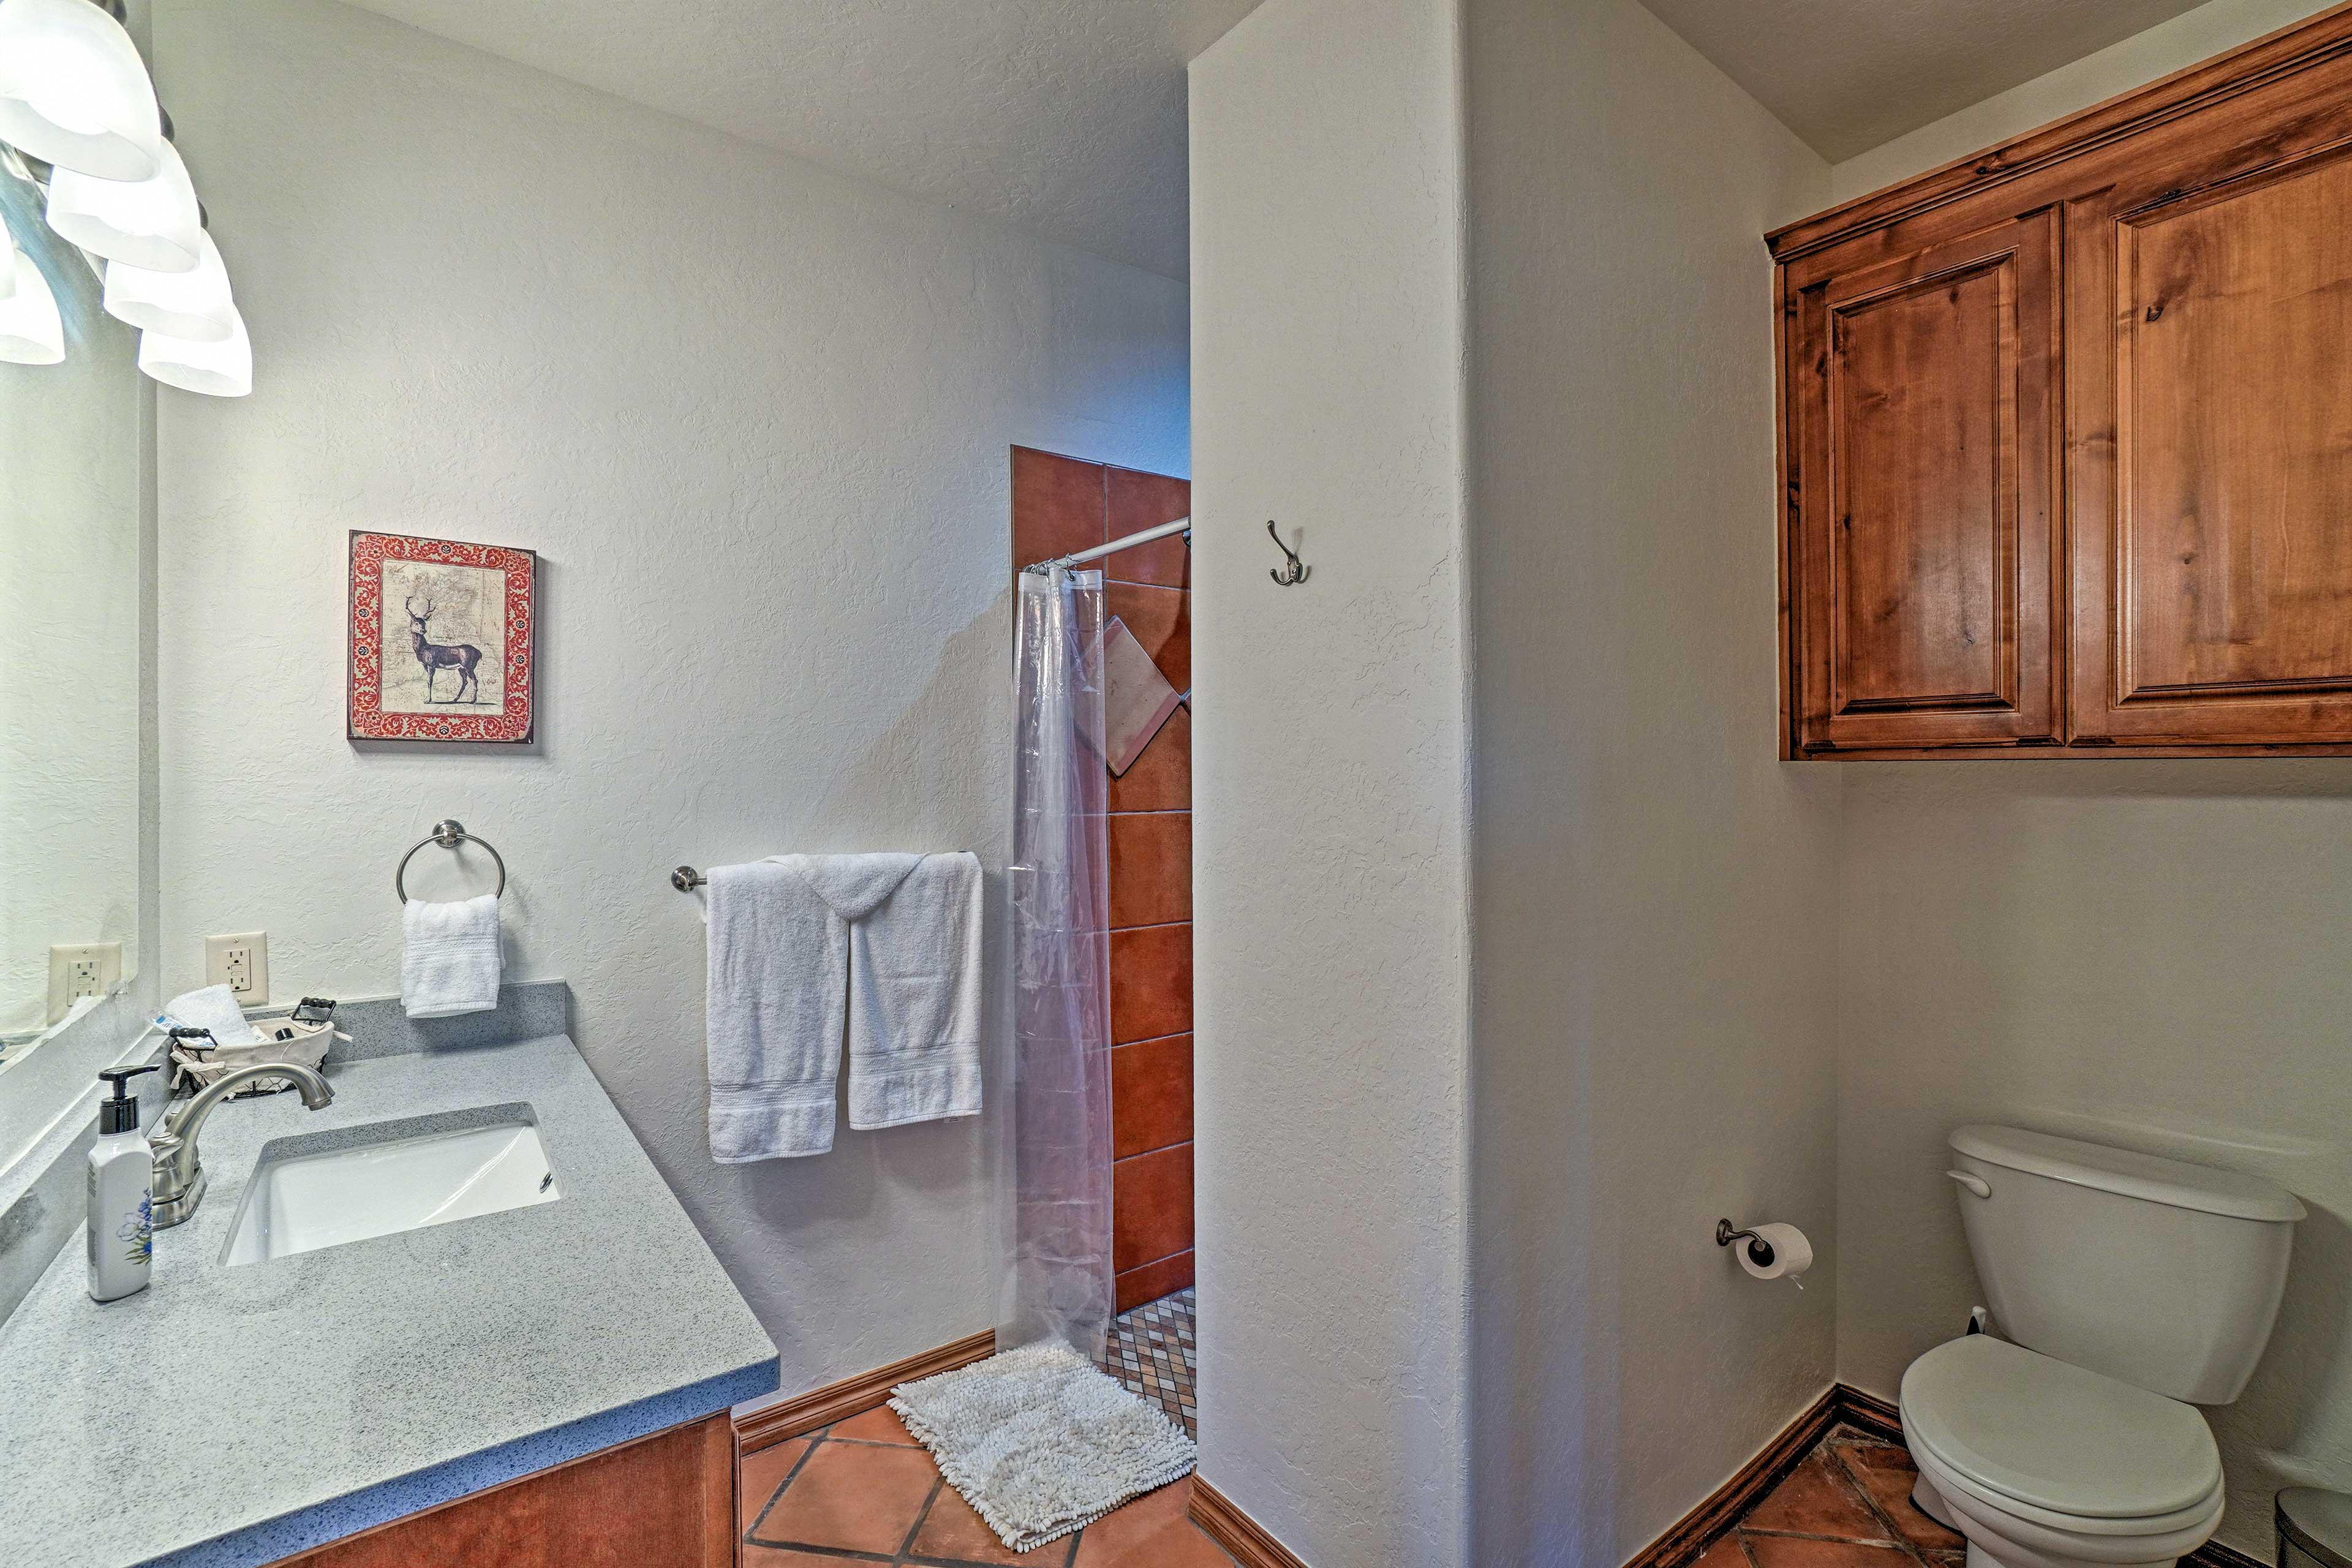 A full bathroom has a walk-in shower.